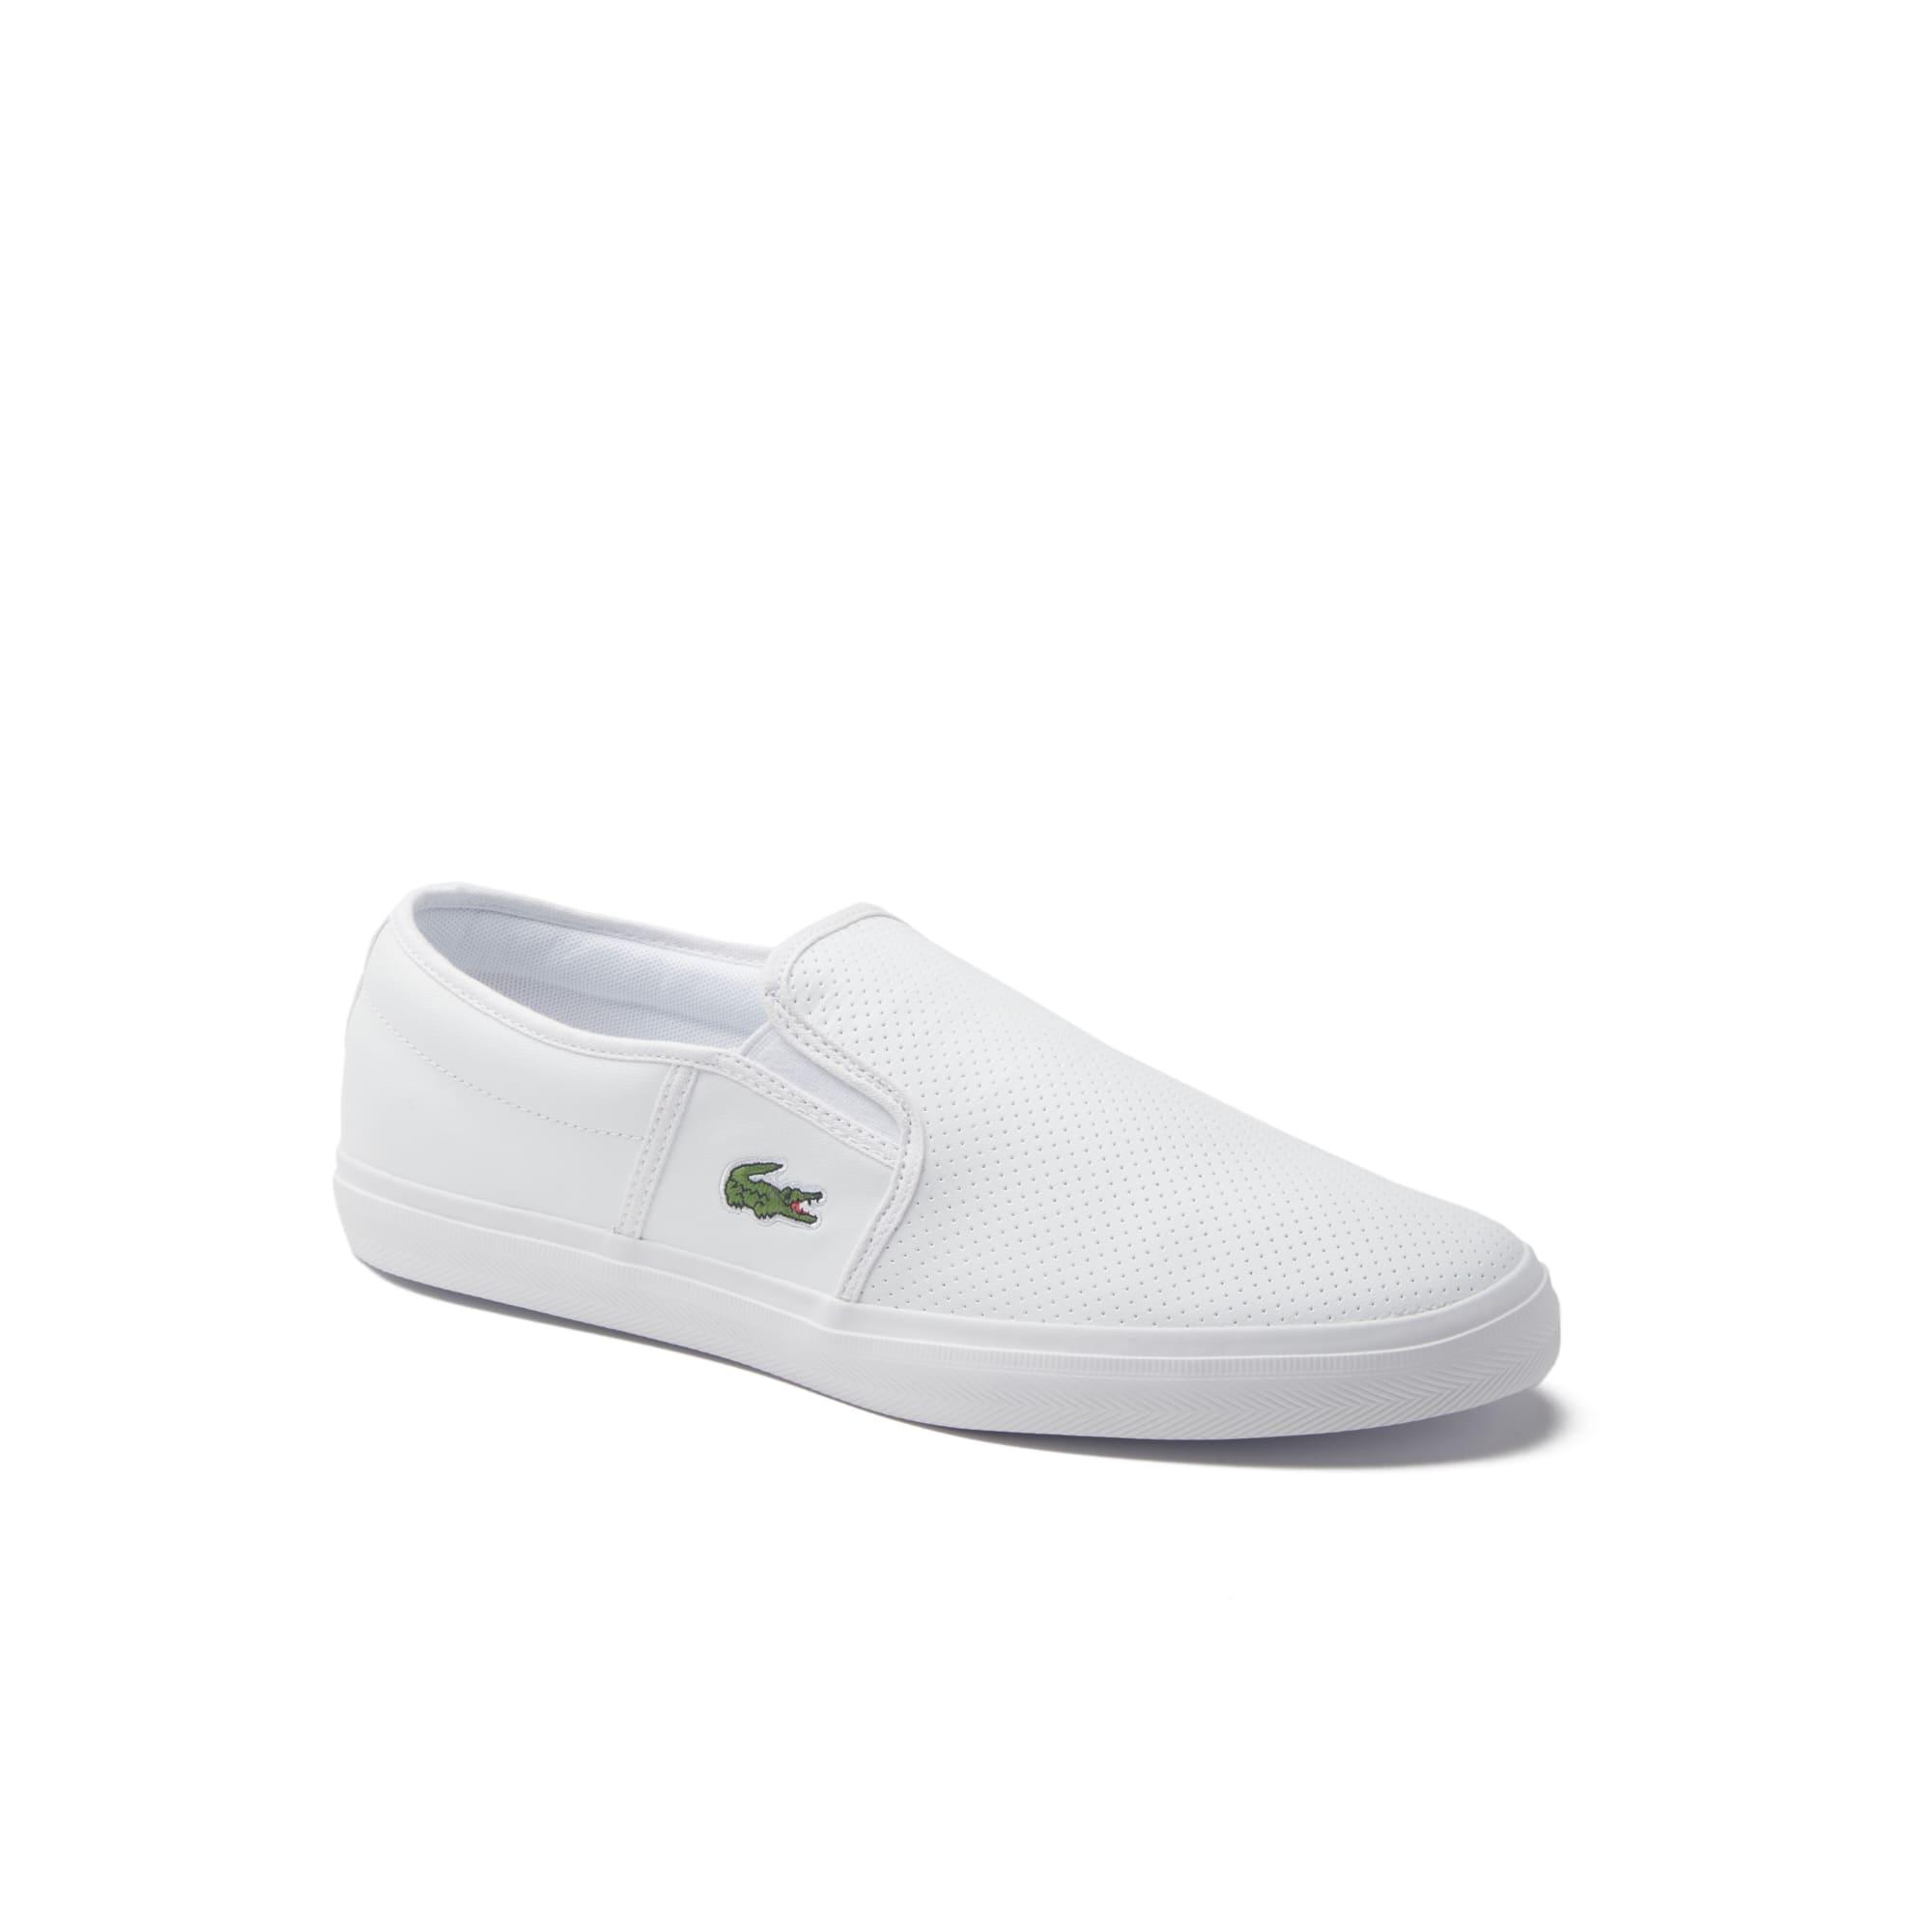 Men's Gazon Leather Slip-ons